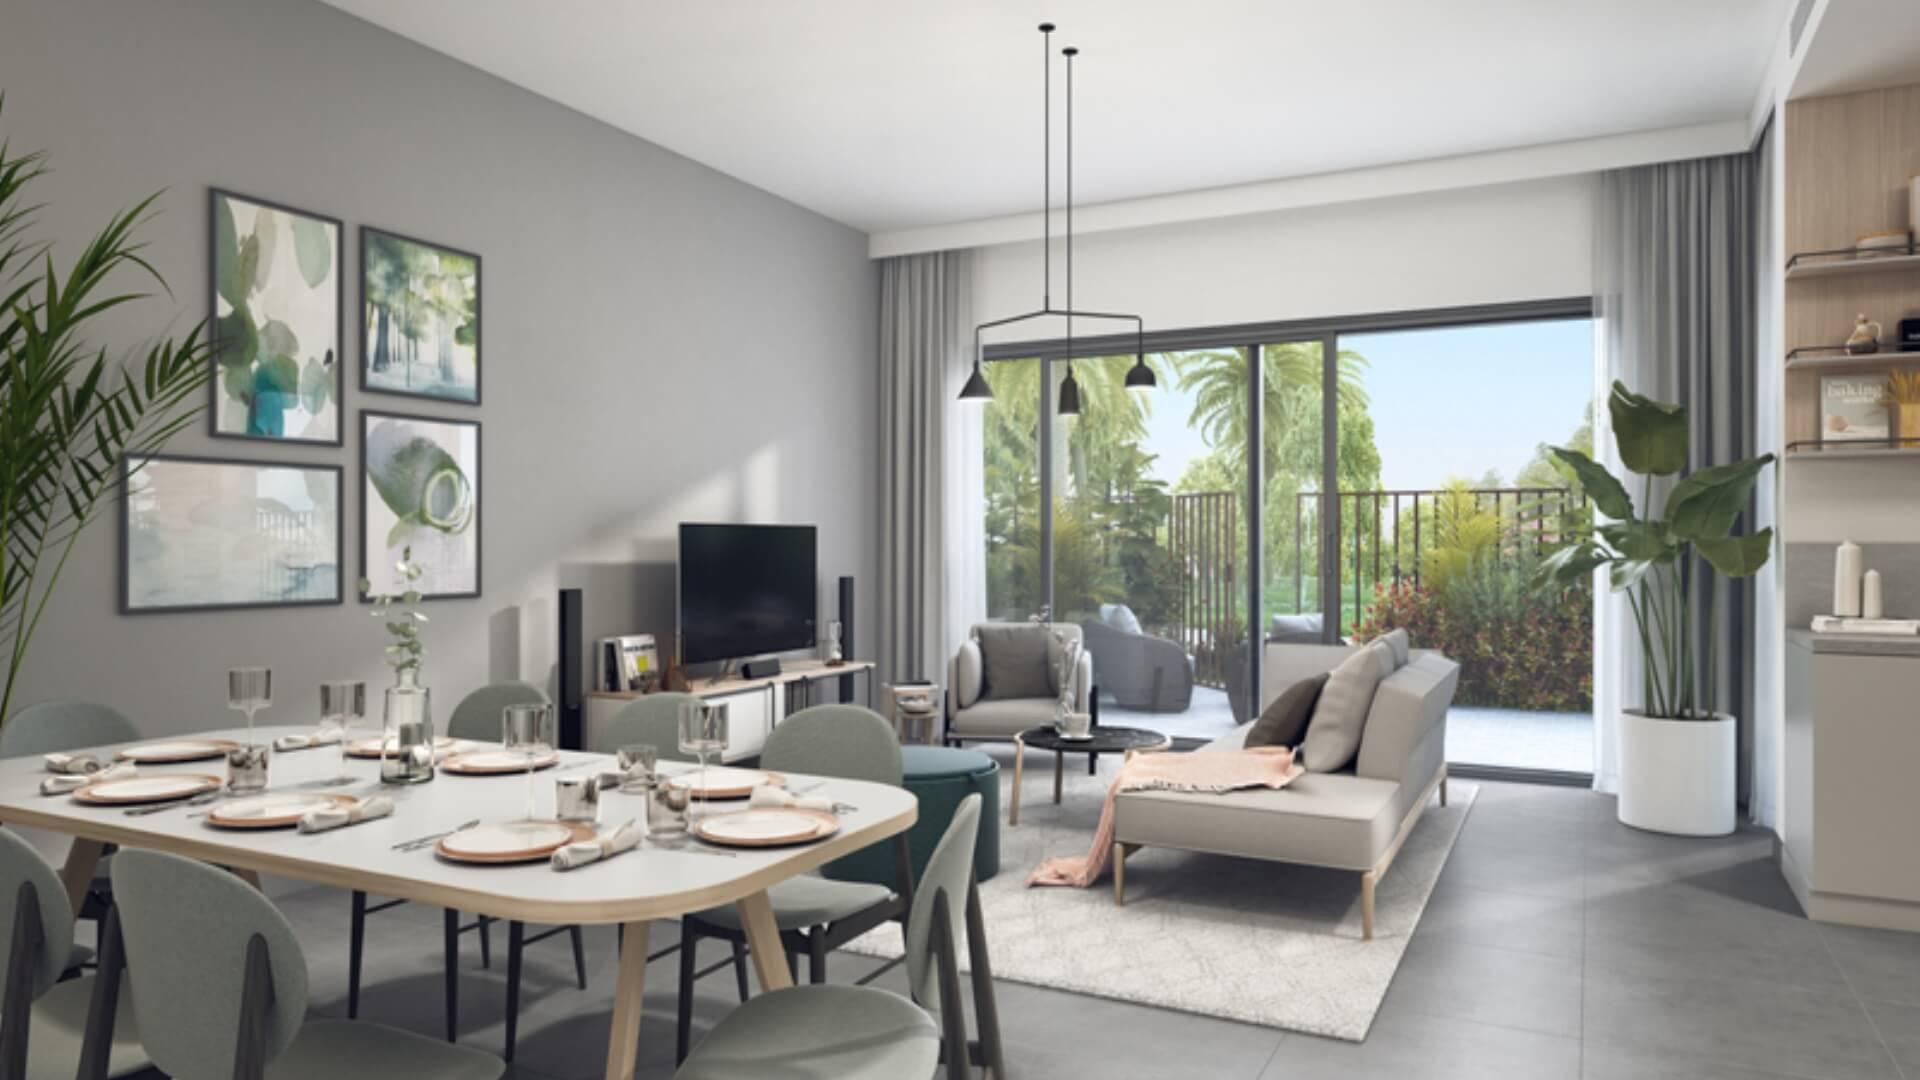 Adosado en venta en Dubai, EAU, 4 dormitorios, 231 m2, № 24352 – foto 1